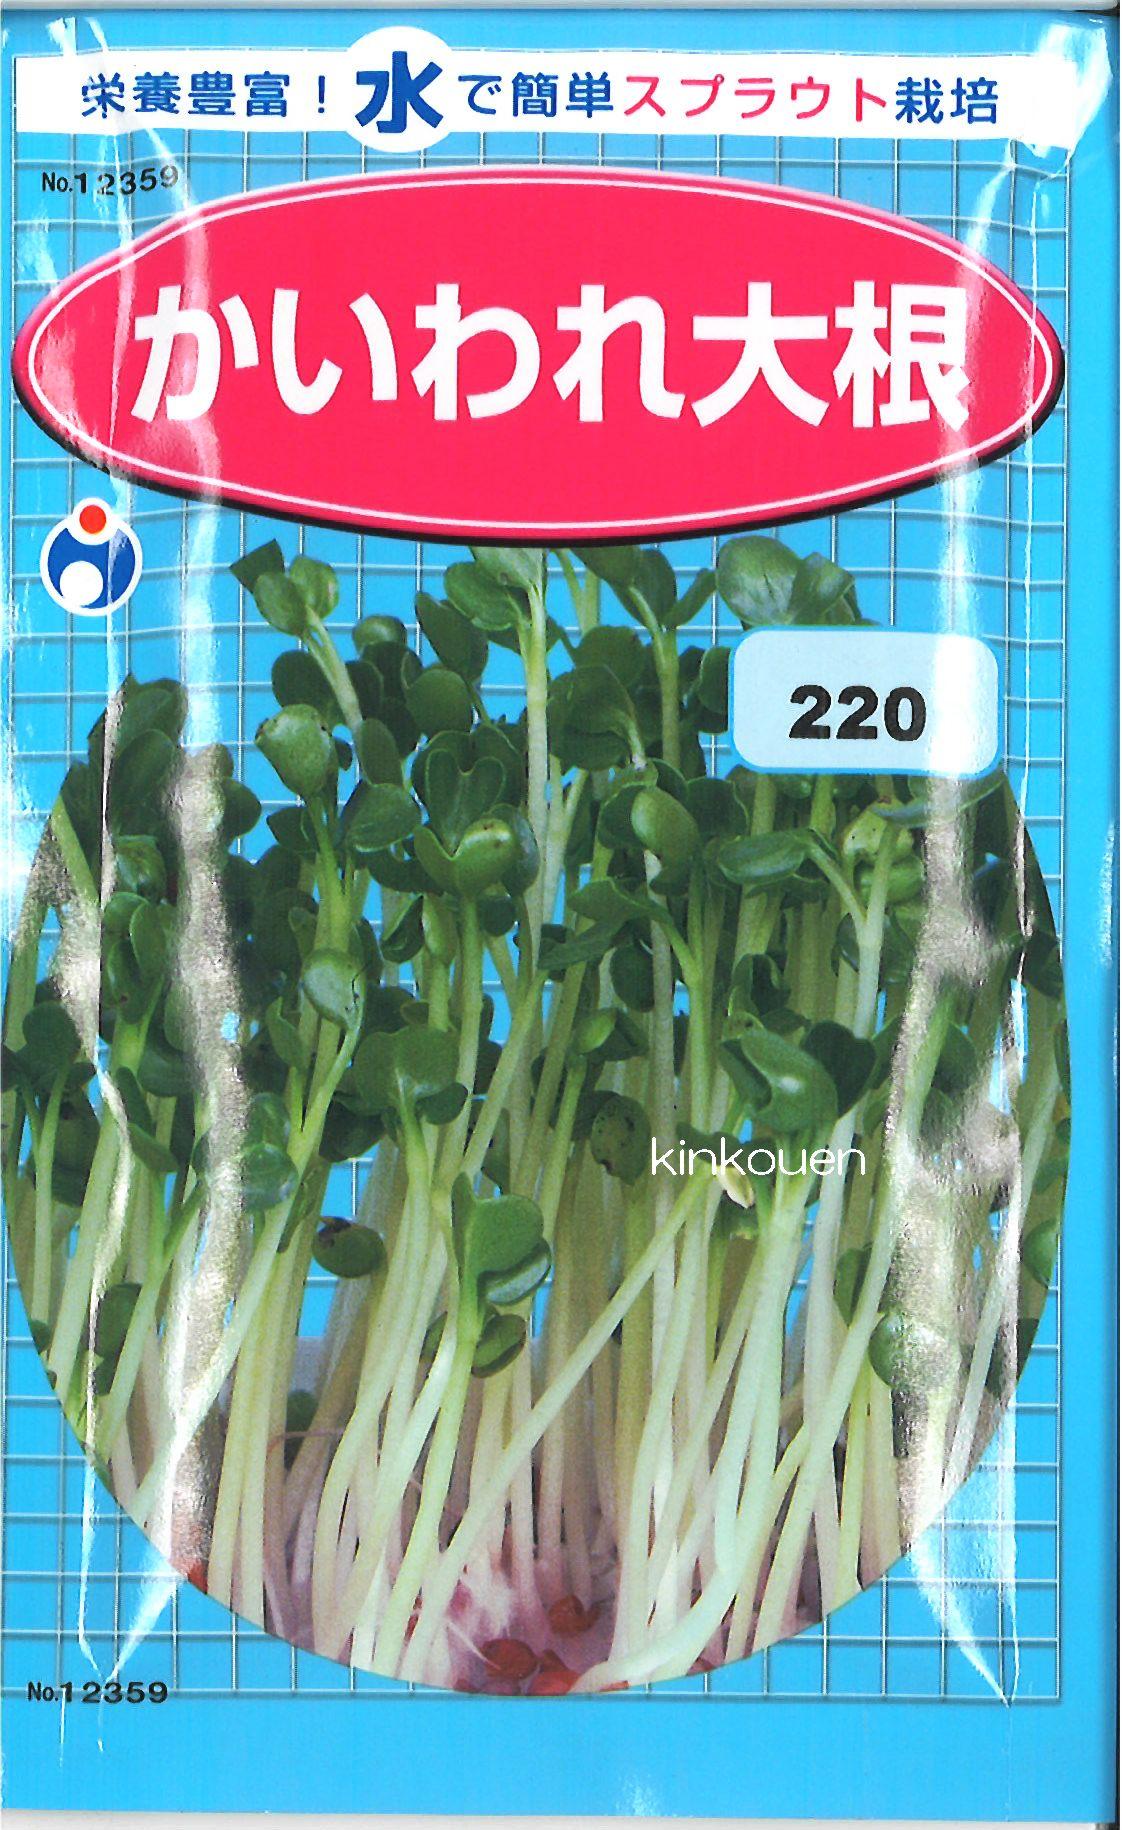 【代引不可】【5袋まで送料80円】 □ カイワレダイコン かいわれ大根